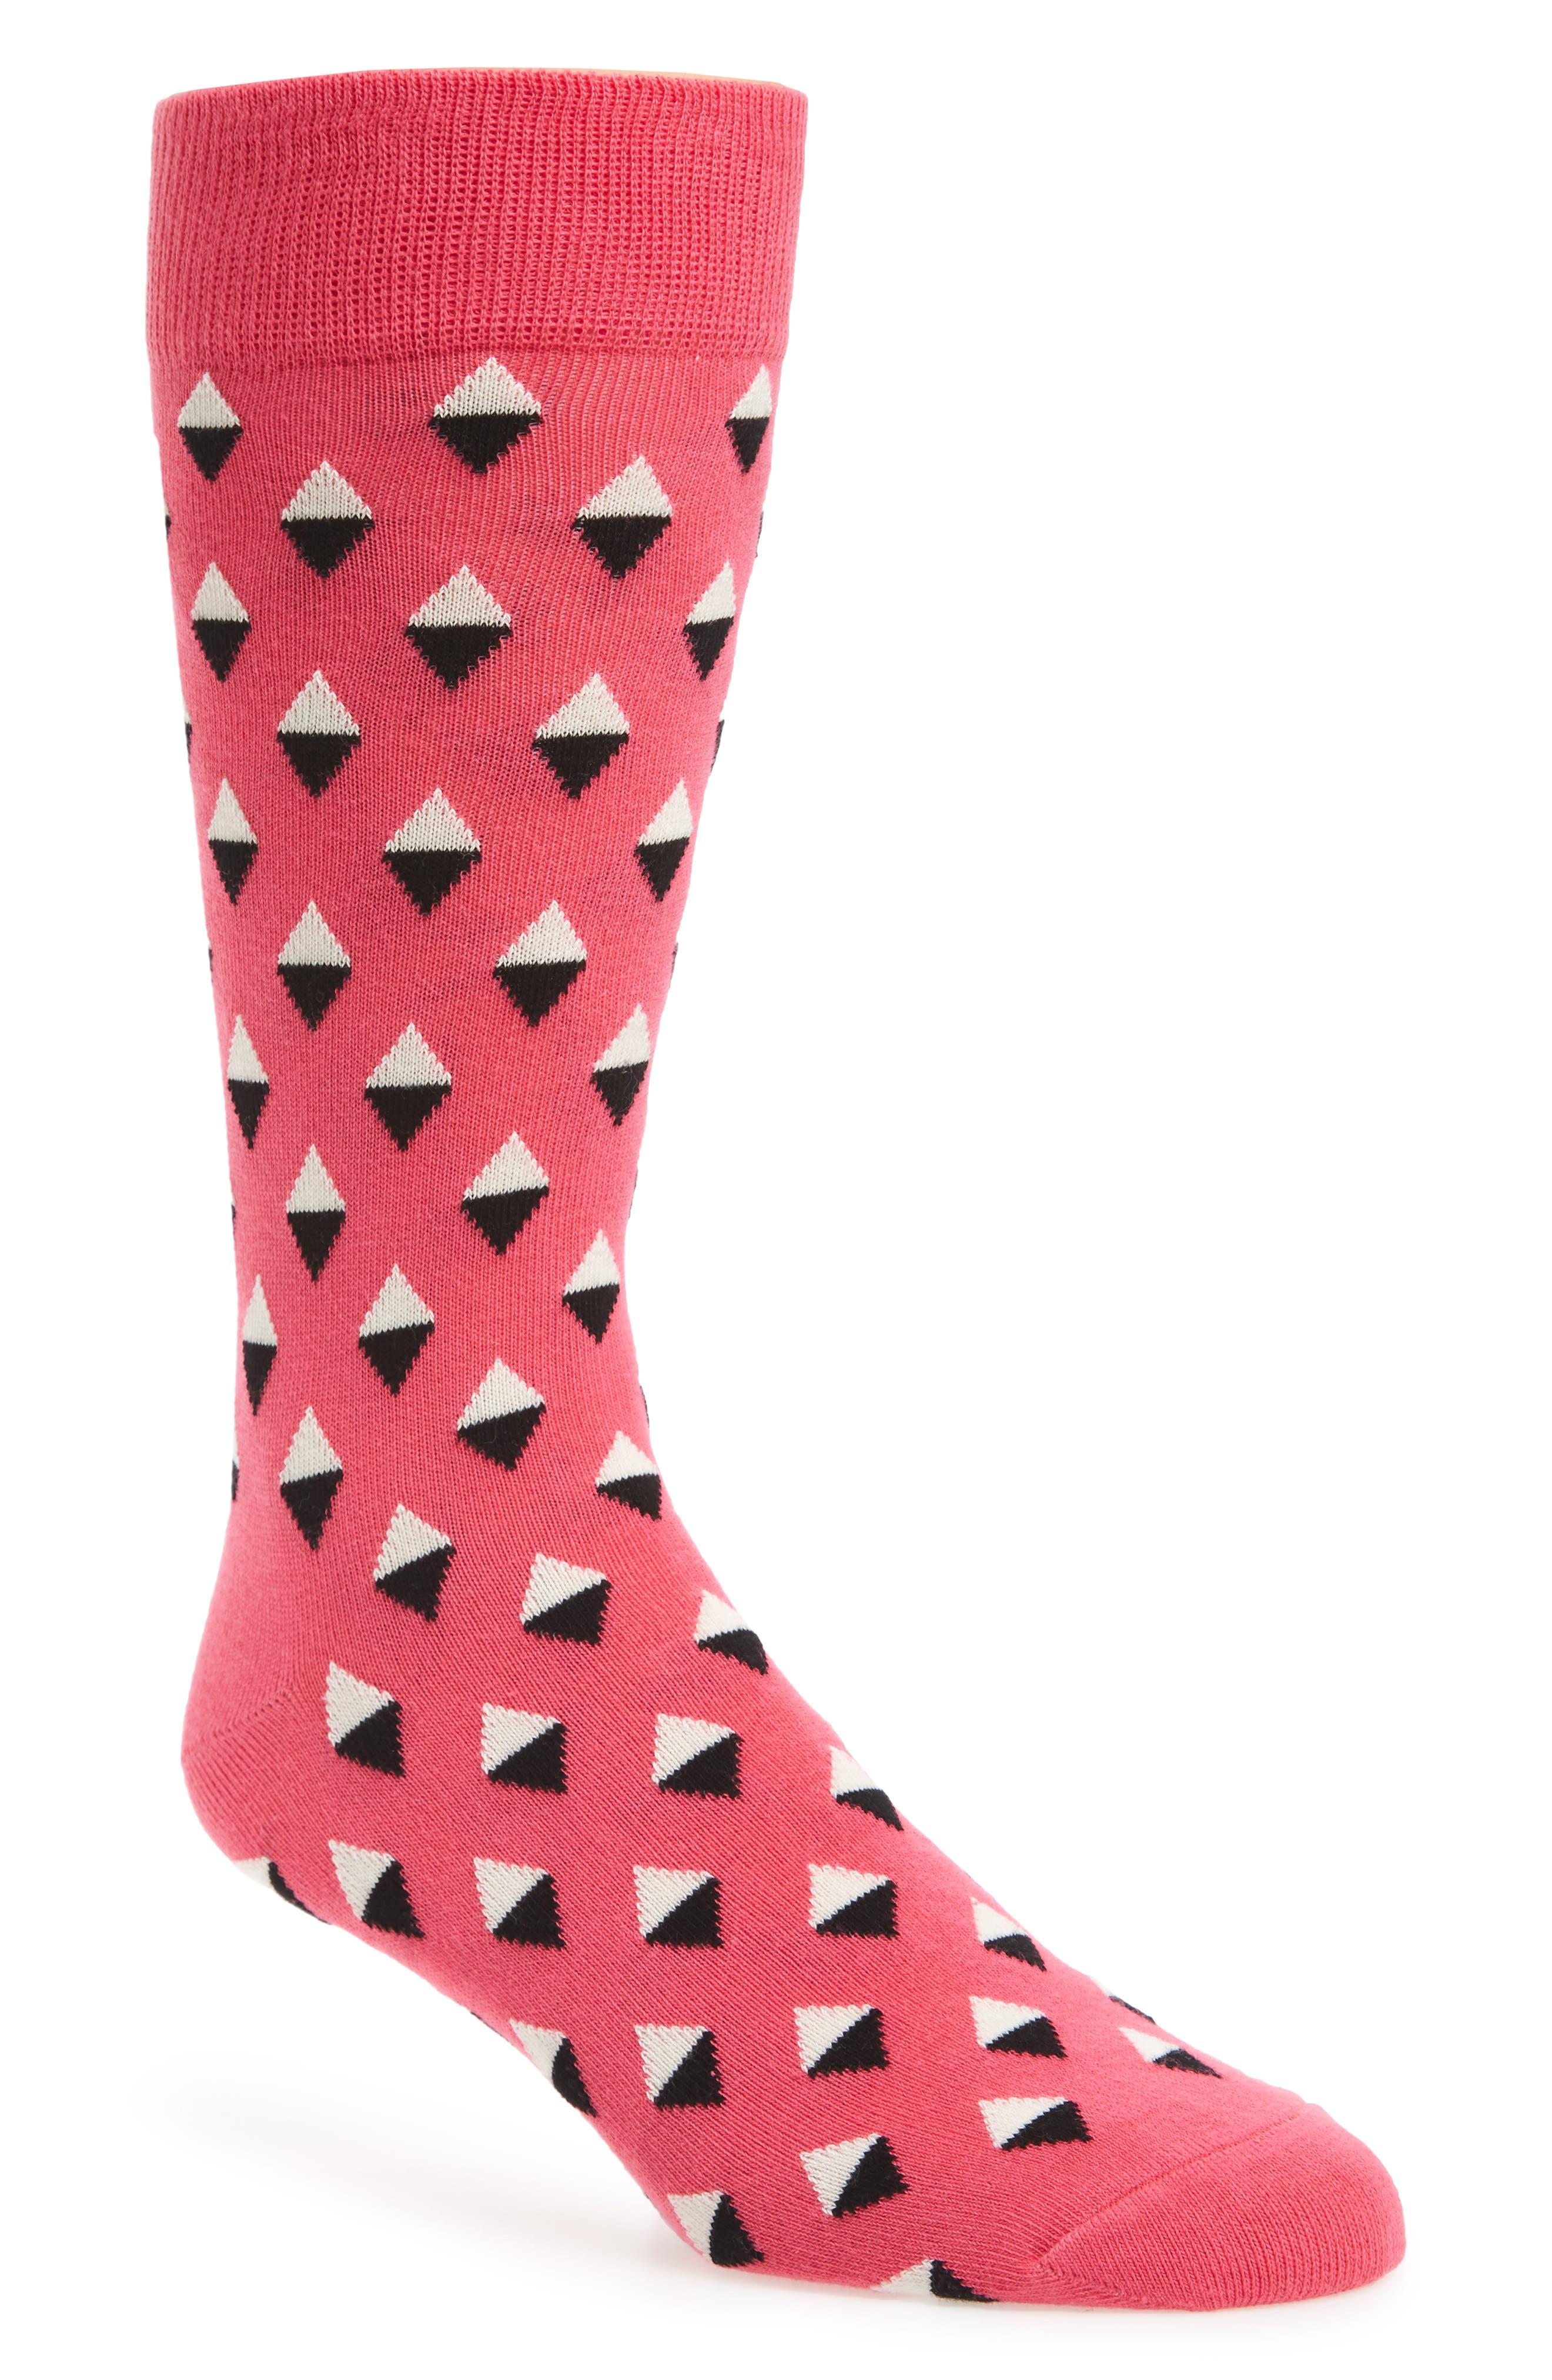 Geometric Socks,                             Main thumbnail 1, color,                             Pink/ White